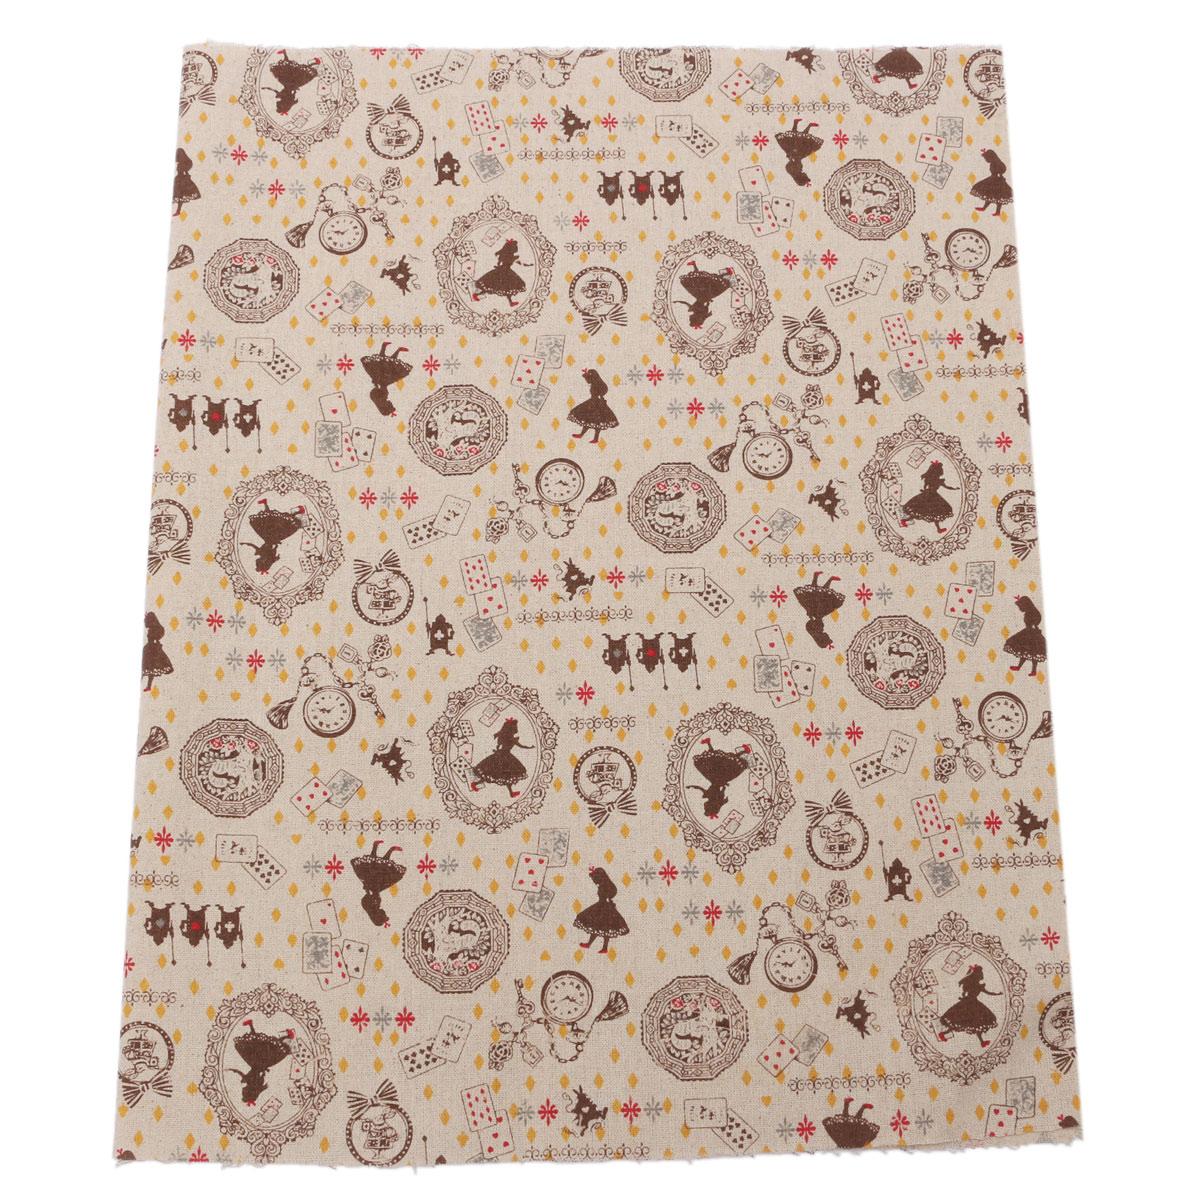 vintage hibou coupons tissu carreaux cloth patchwork. Black Bedroom Furniture Sets. Home Design Ideas